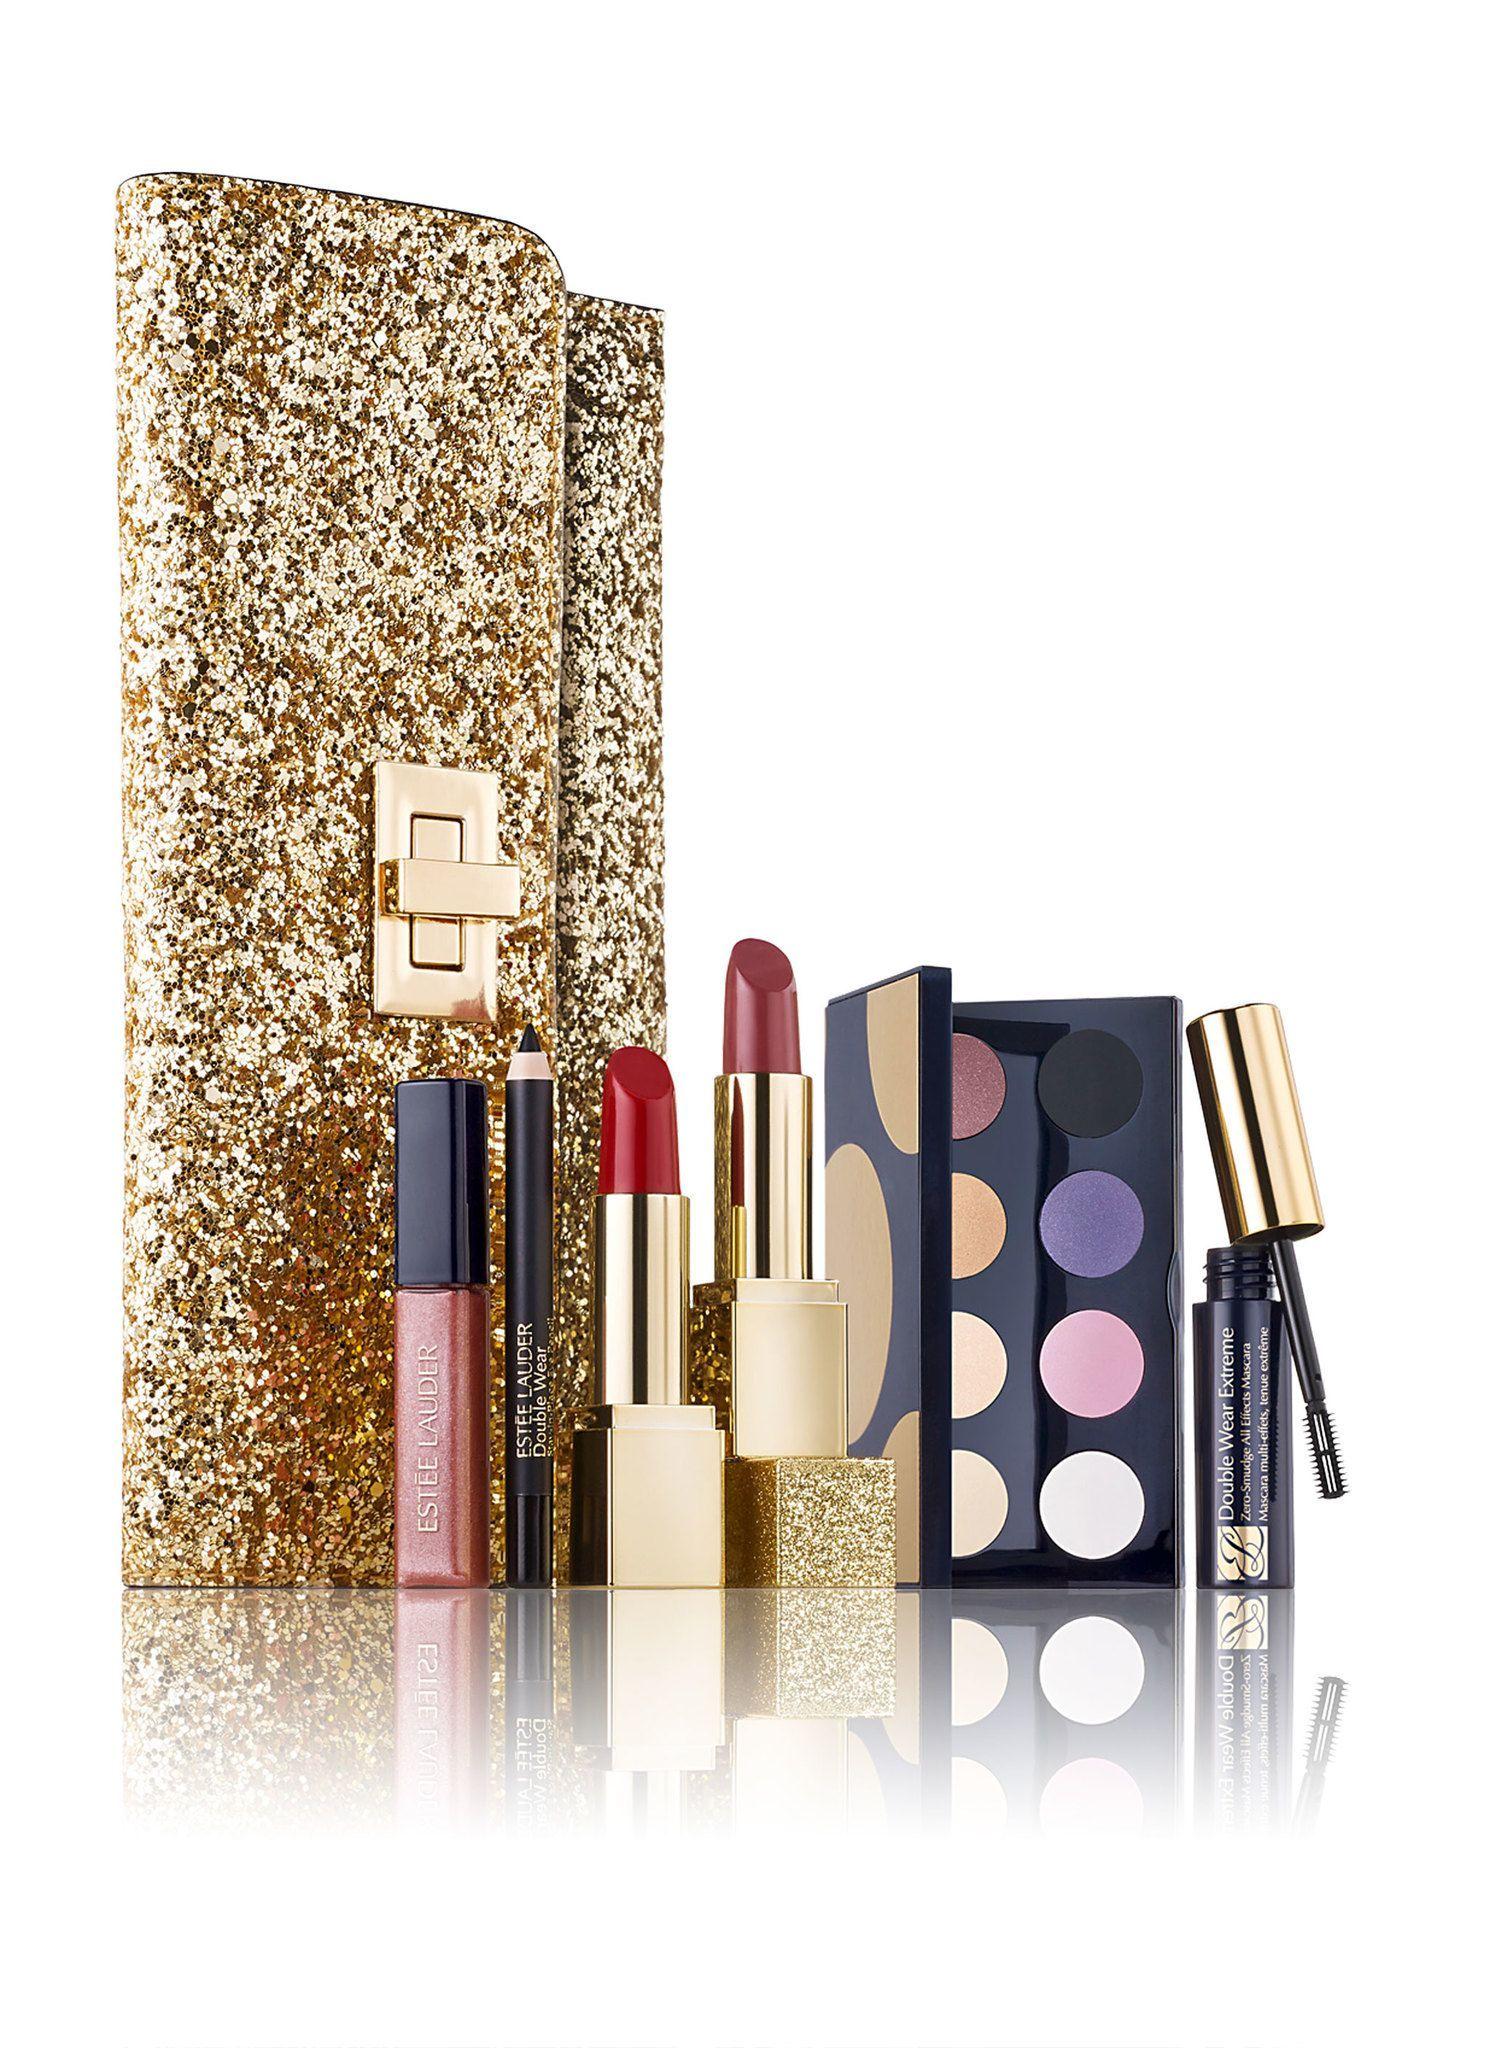 Estée Lauder Evening Bag Collection Estee lauder free